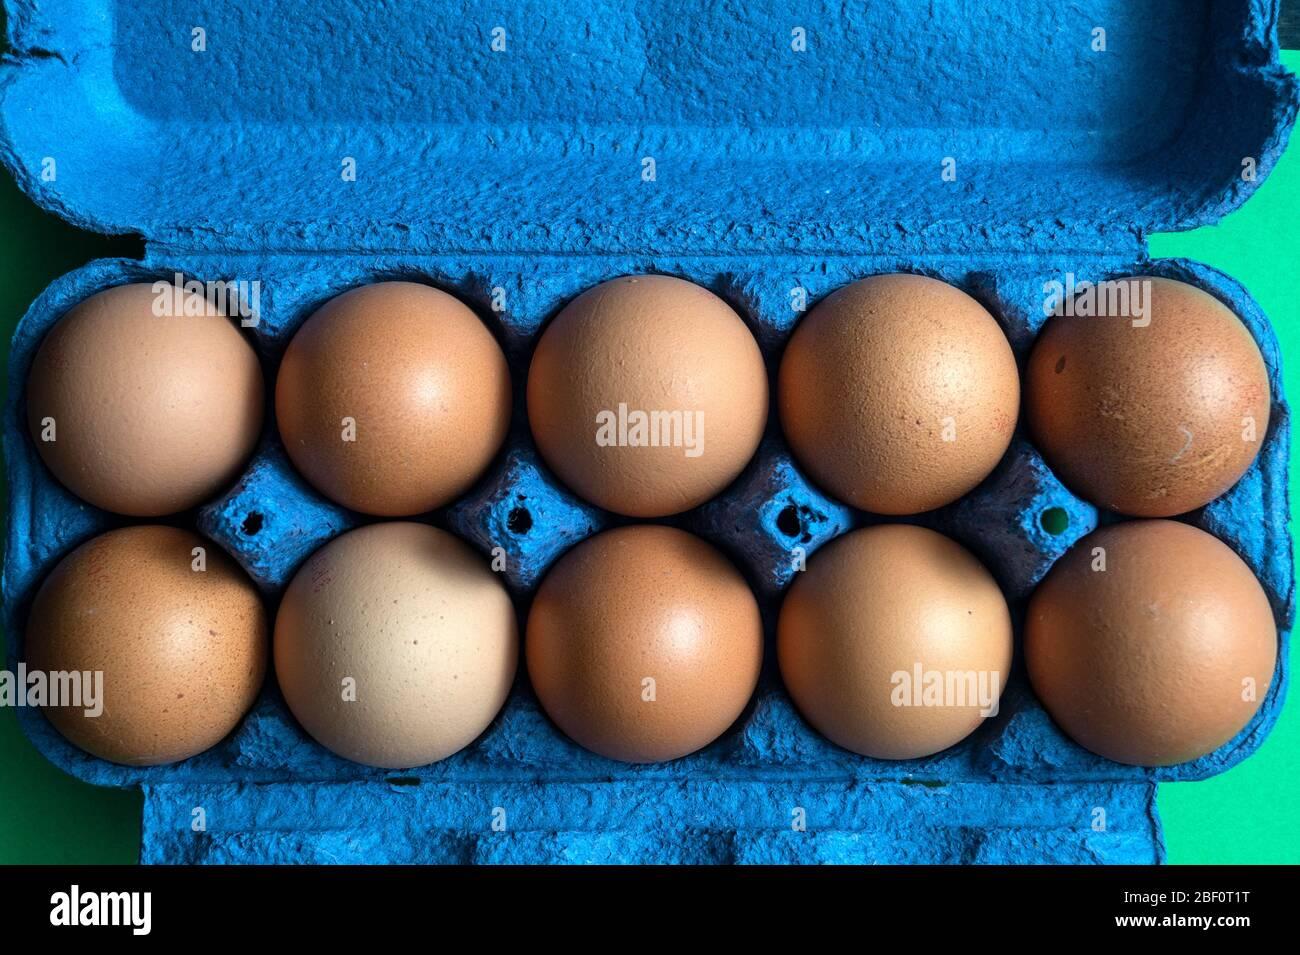 Bio-Hühnereier braun im Karton auf rustikalen Holztischhintergründen, natürliche gesunde Lebensmittel Konzepte Stockfoto